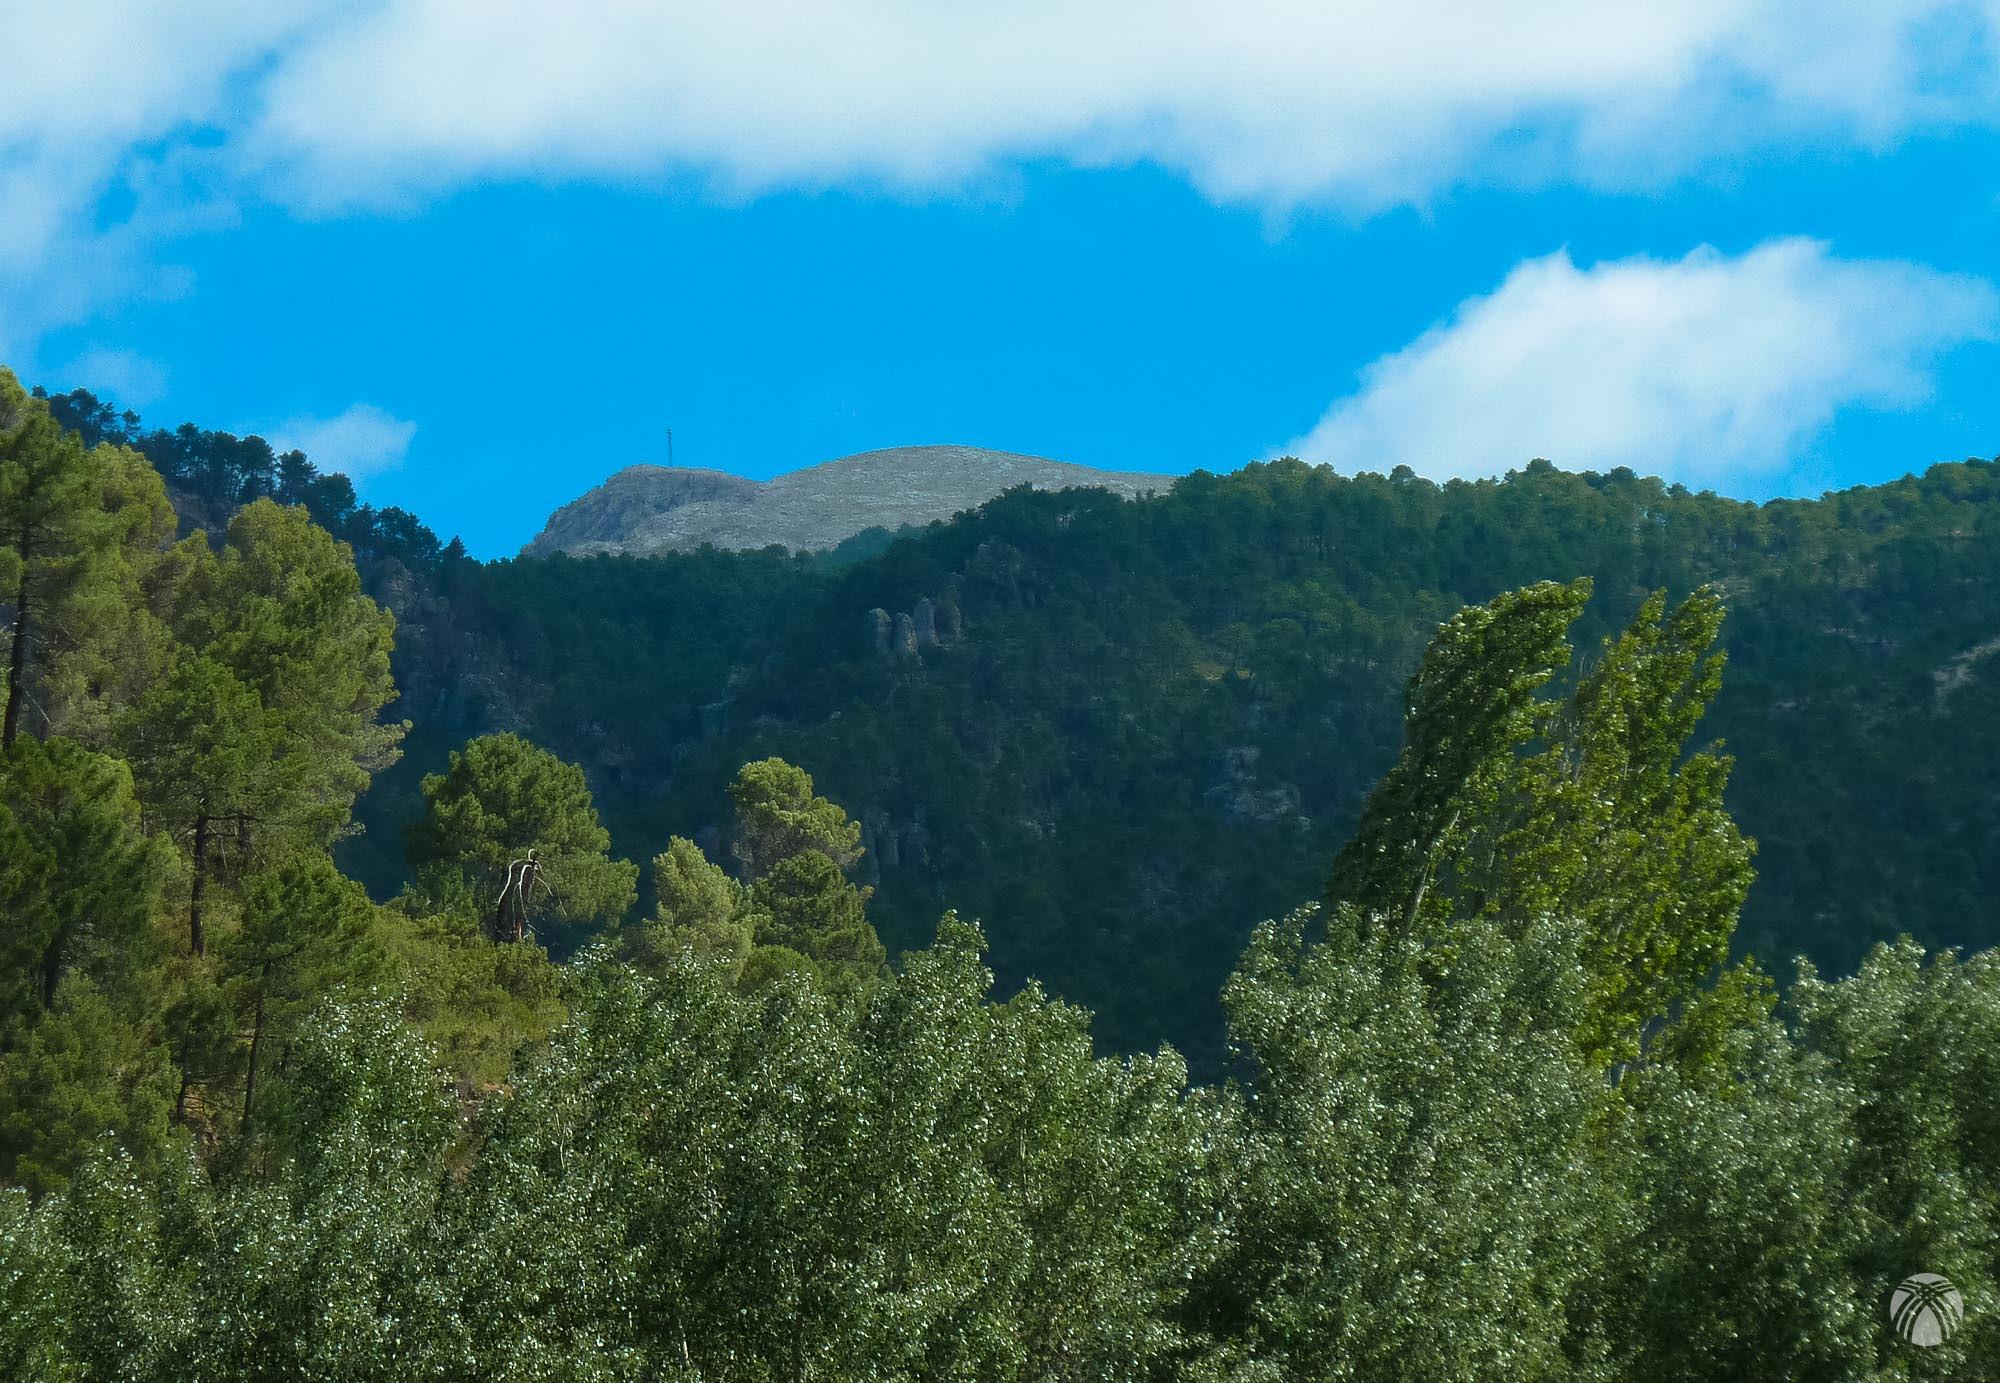 Nuestro objetivo desde el valle: 1000 metros en la vertical nos separan